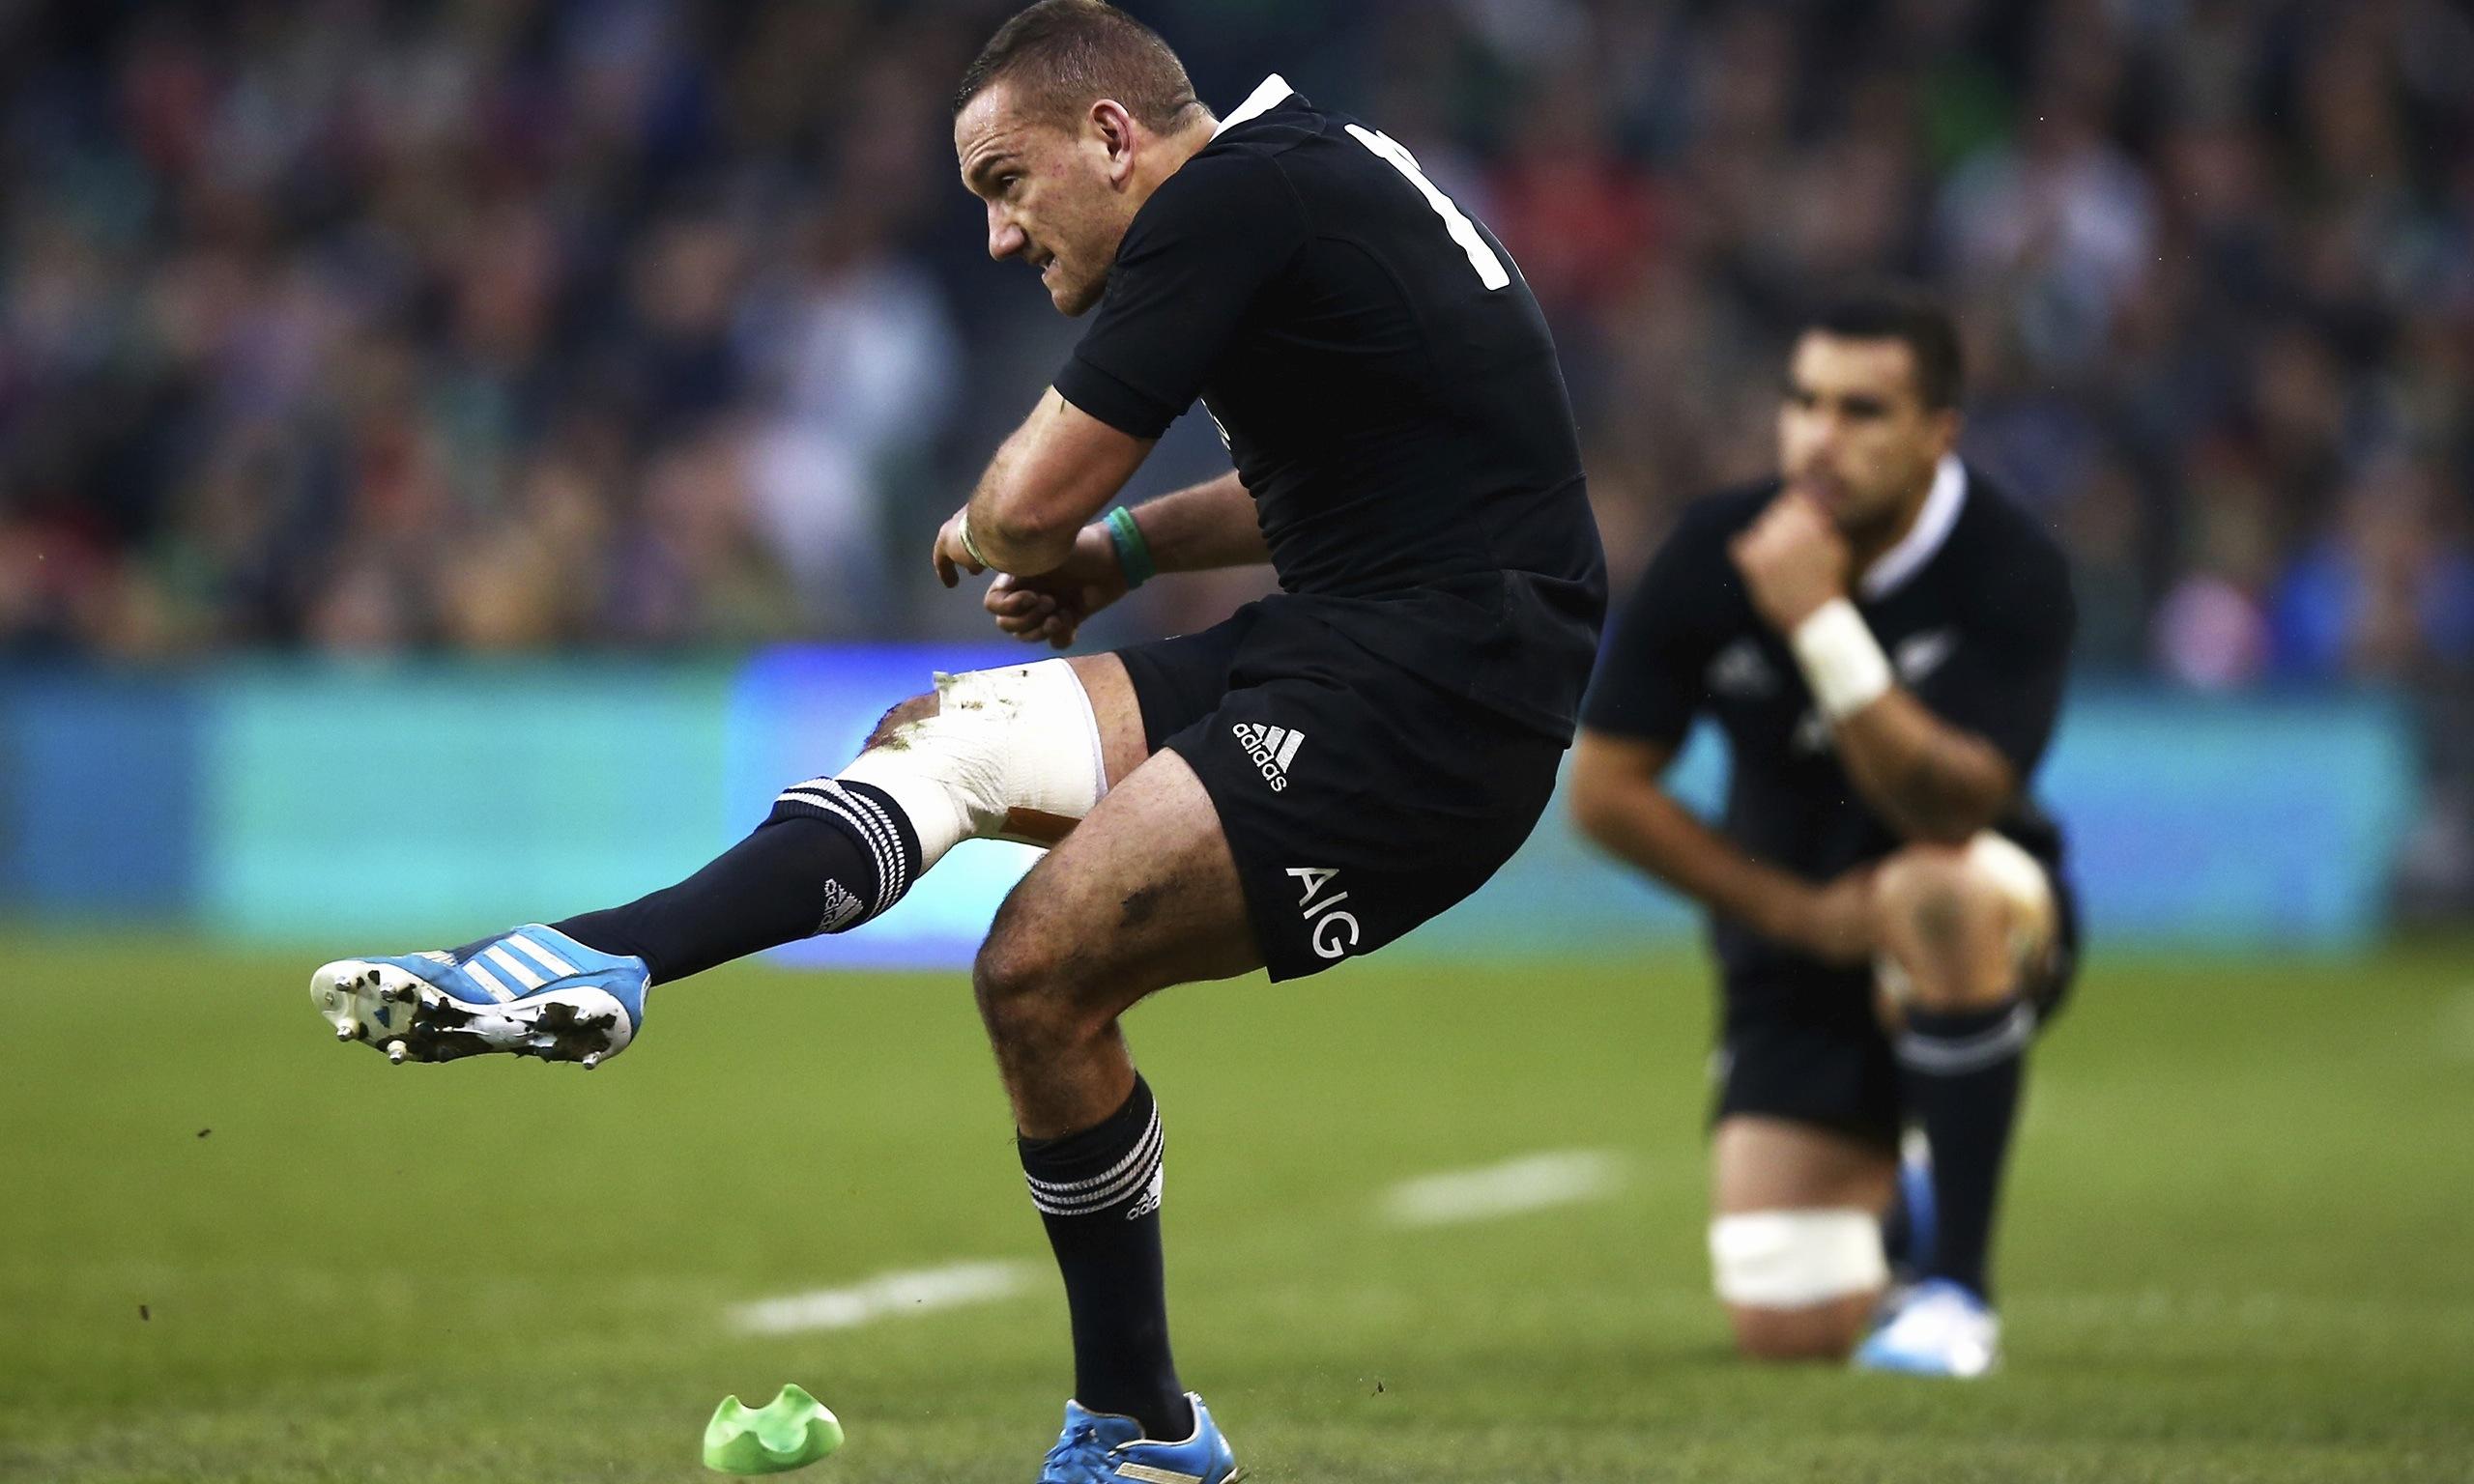 Aviva Co Uk Activate >> New Zealand unbeaten but not quite as unbeatable after Ireland scare   Eddie Butler   Sport ...